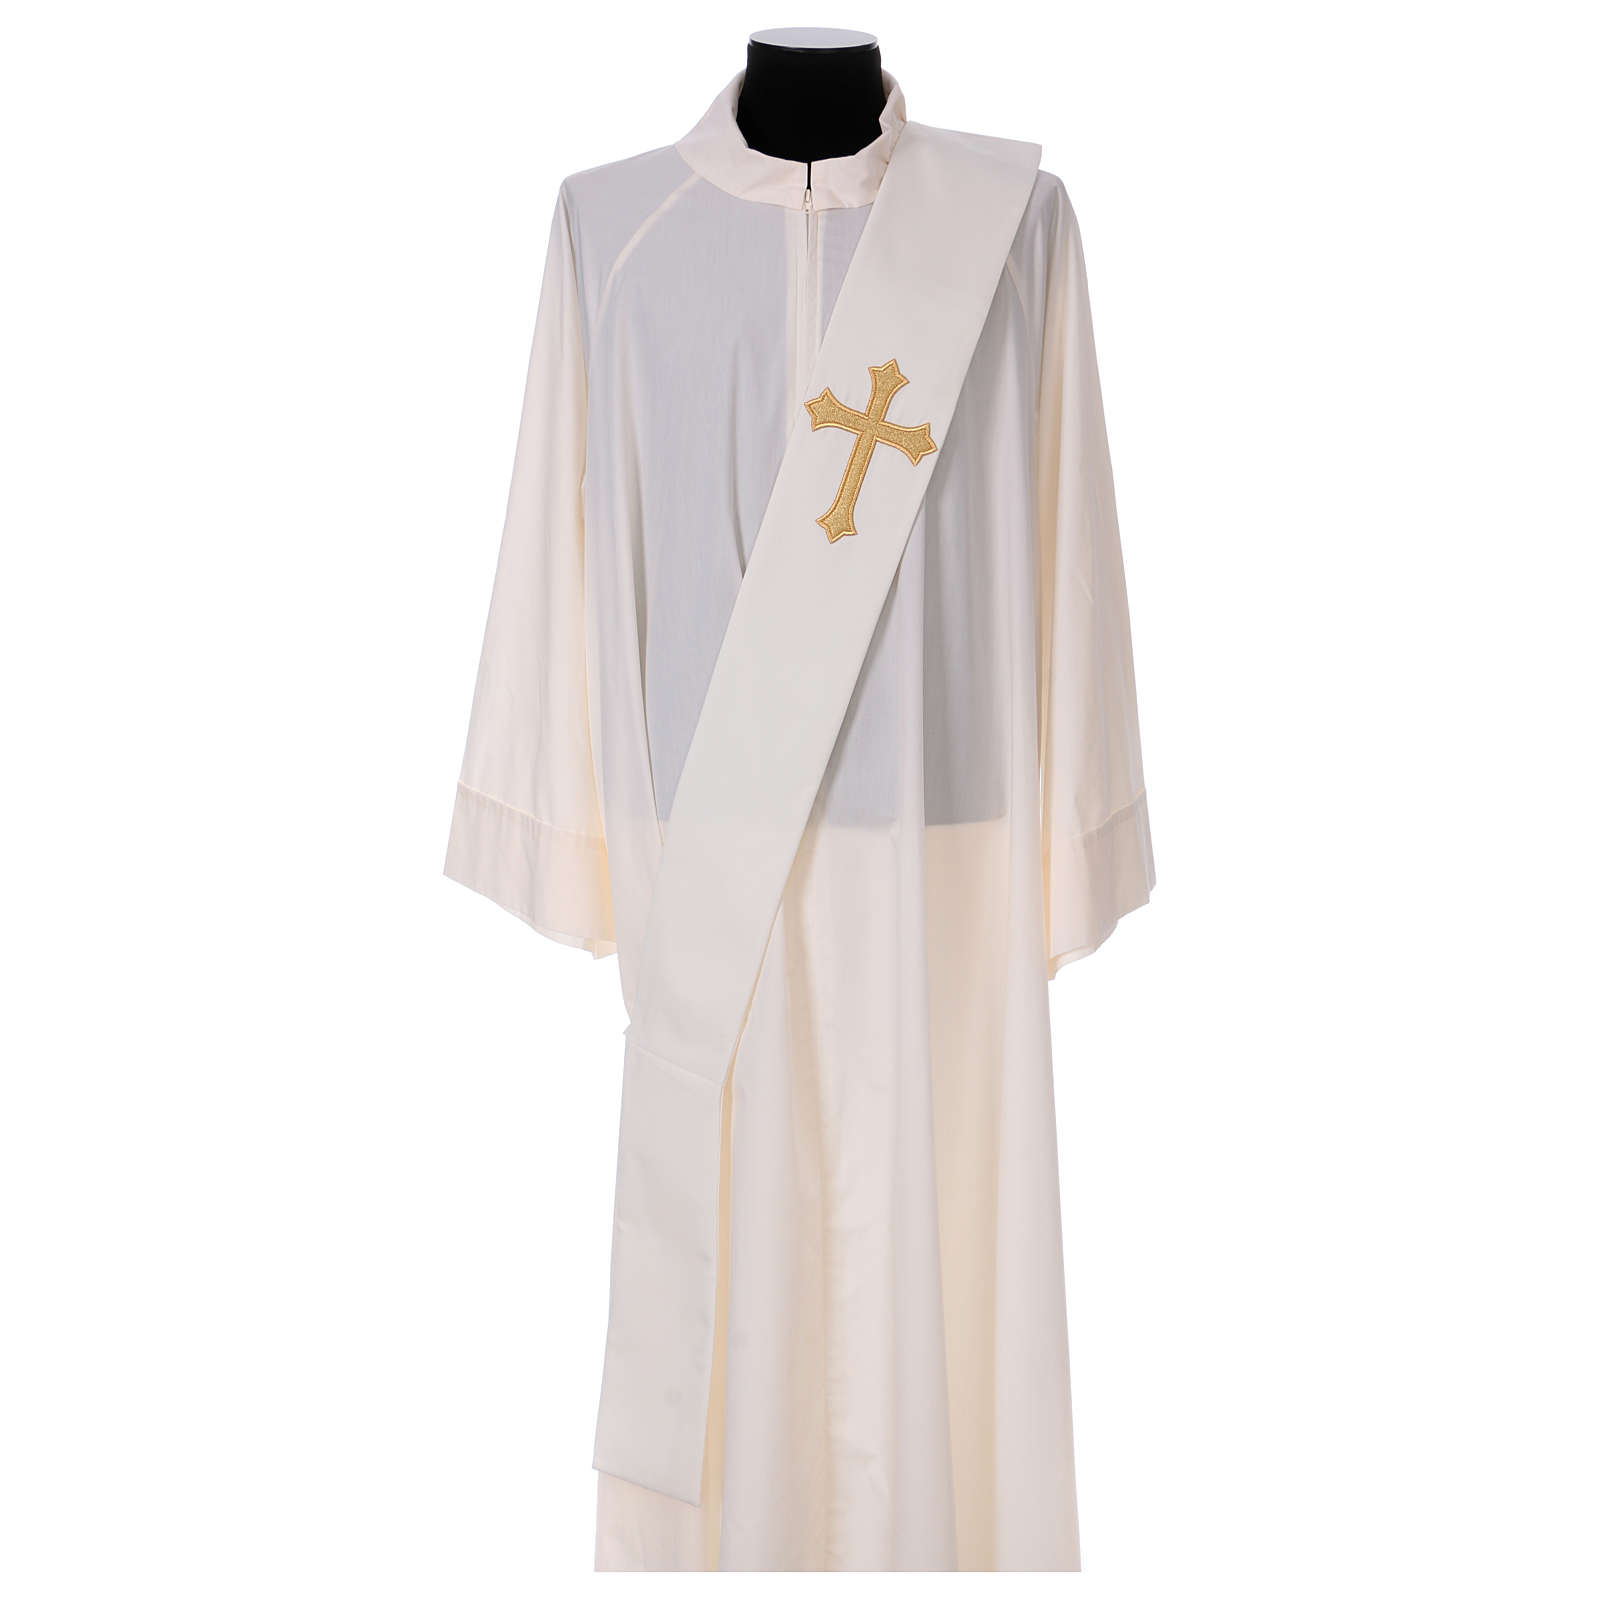 Étole diaconale ivoire croix dorée en relief 80% polyester 20% laine 4